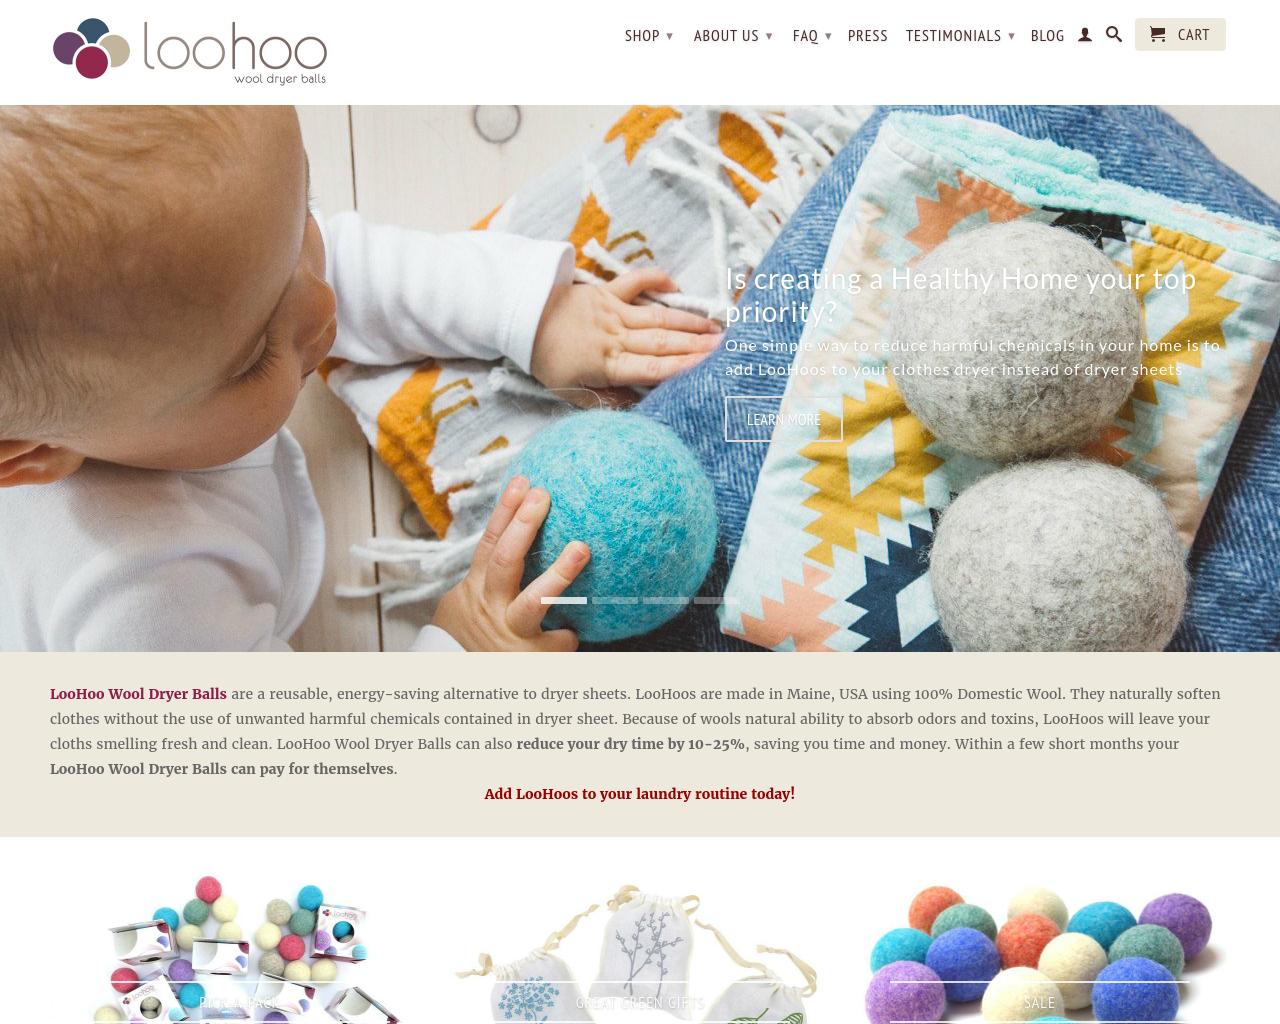 loohoo-Advertising-Reviews-Pricing